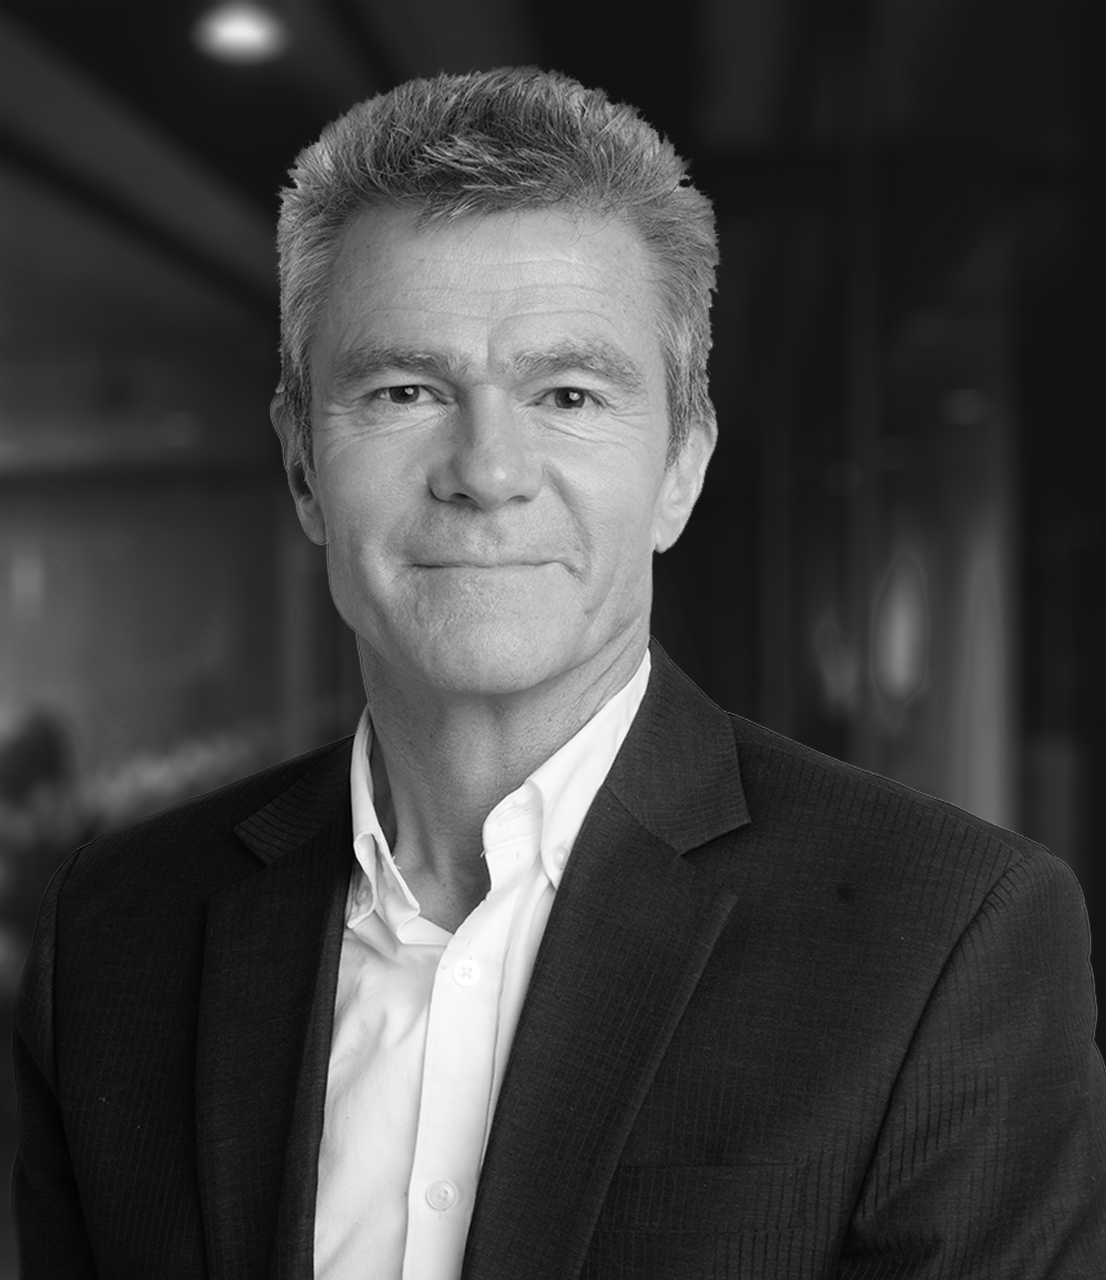 Kåre Pedersen